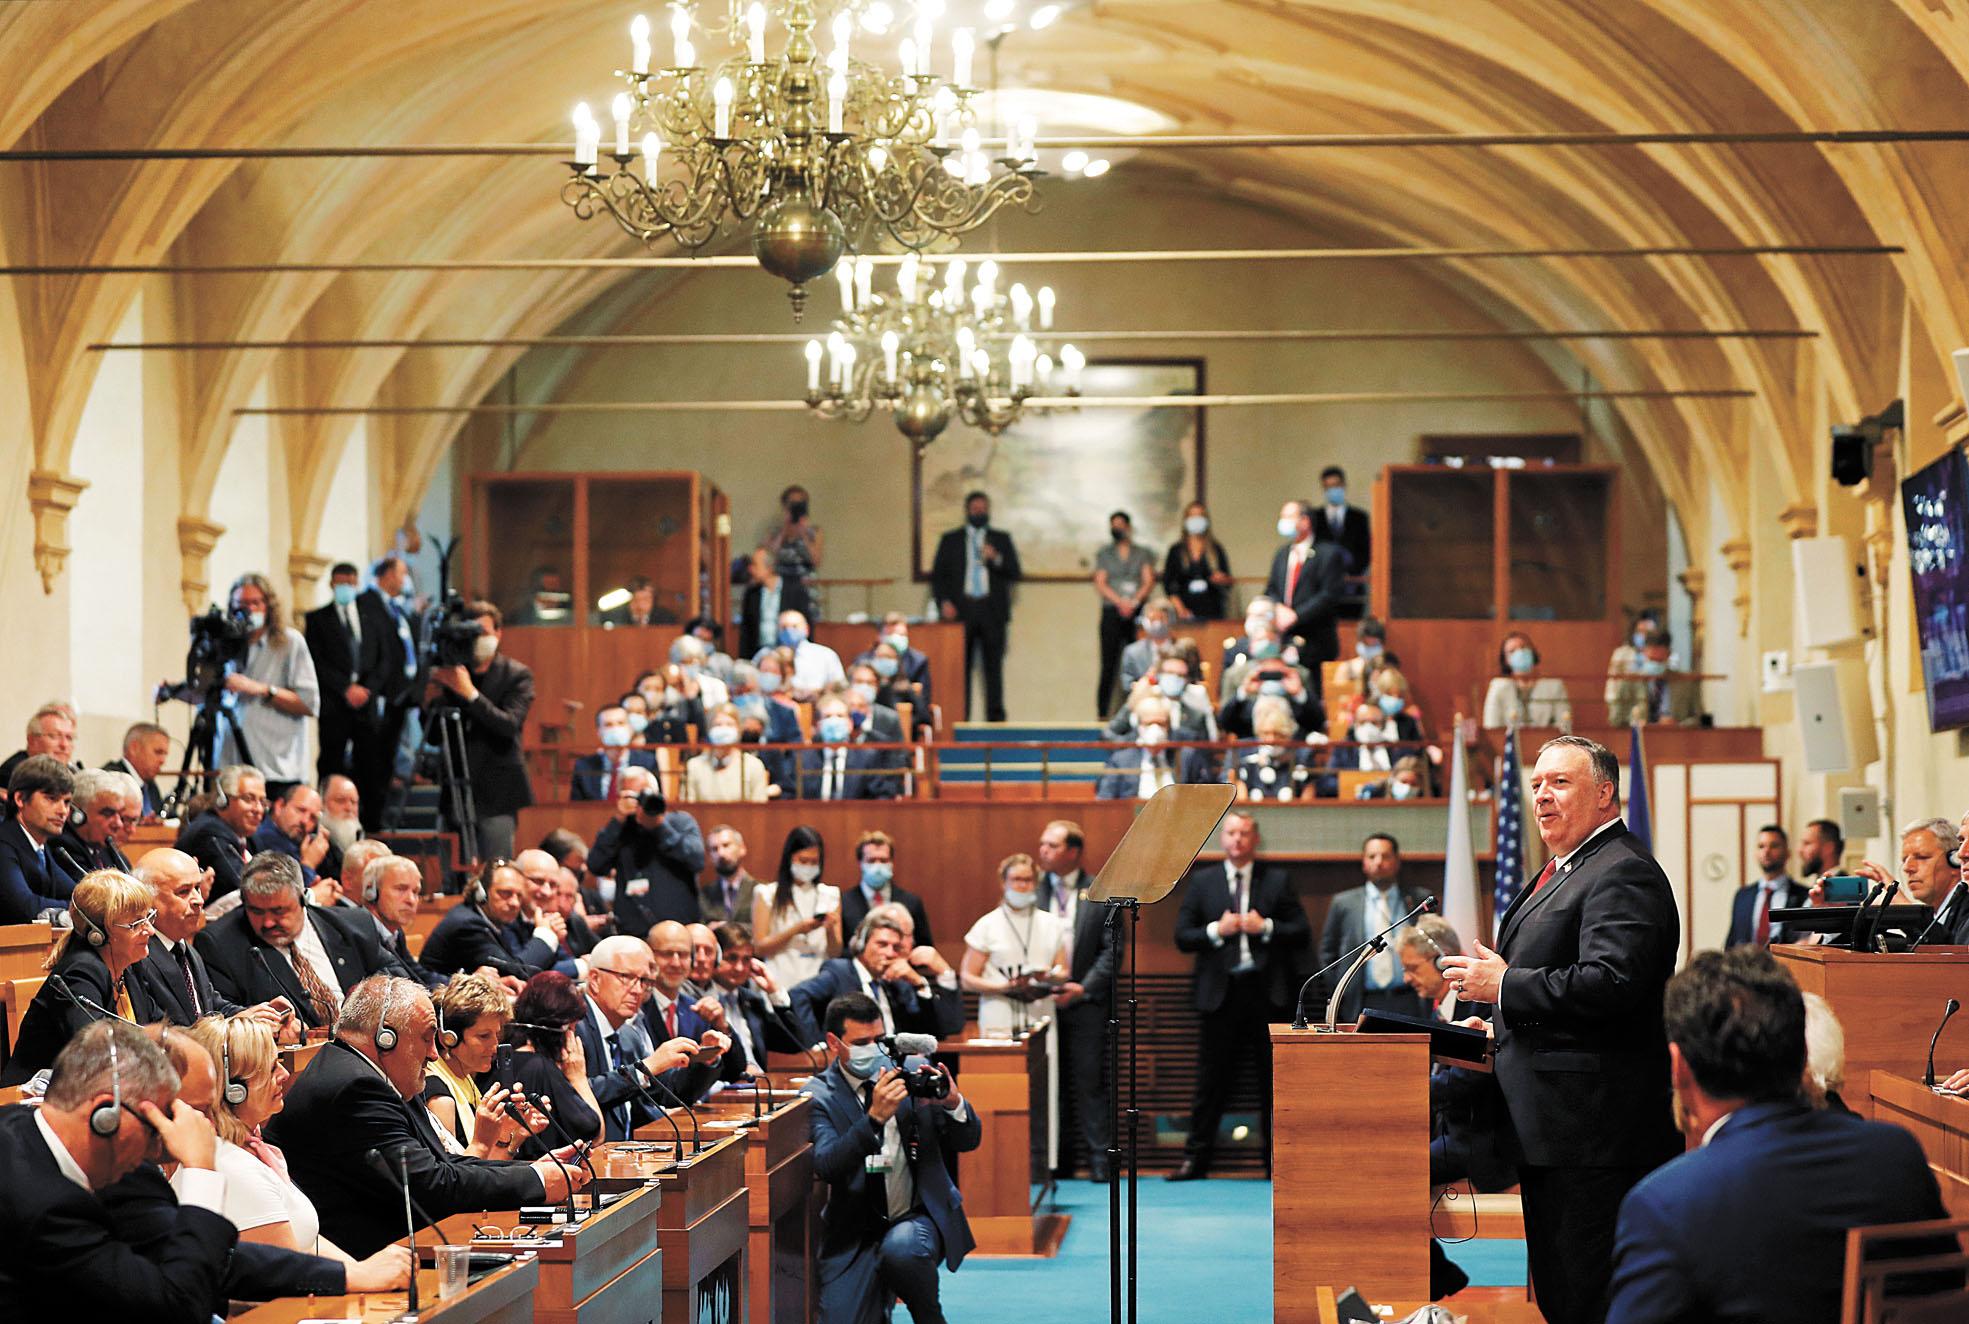 美國國務卿蓬佩奧12日在捷克布拉格的參議院會議上發表講話。美聯社